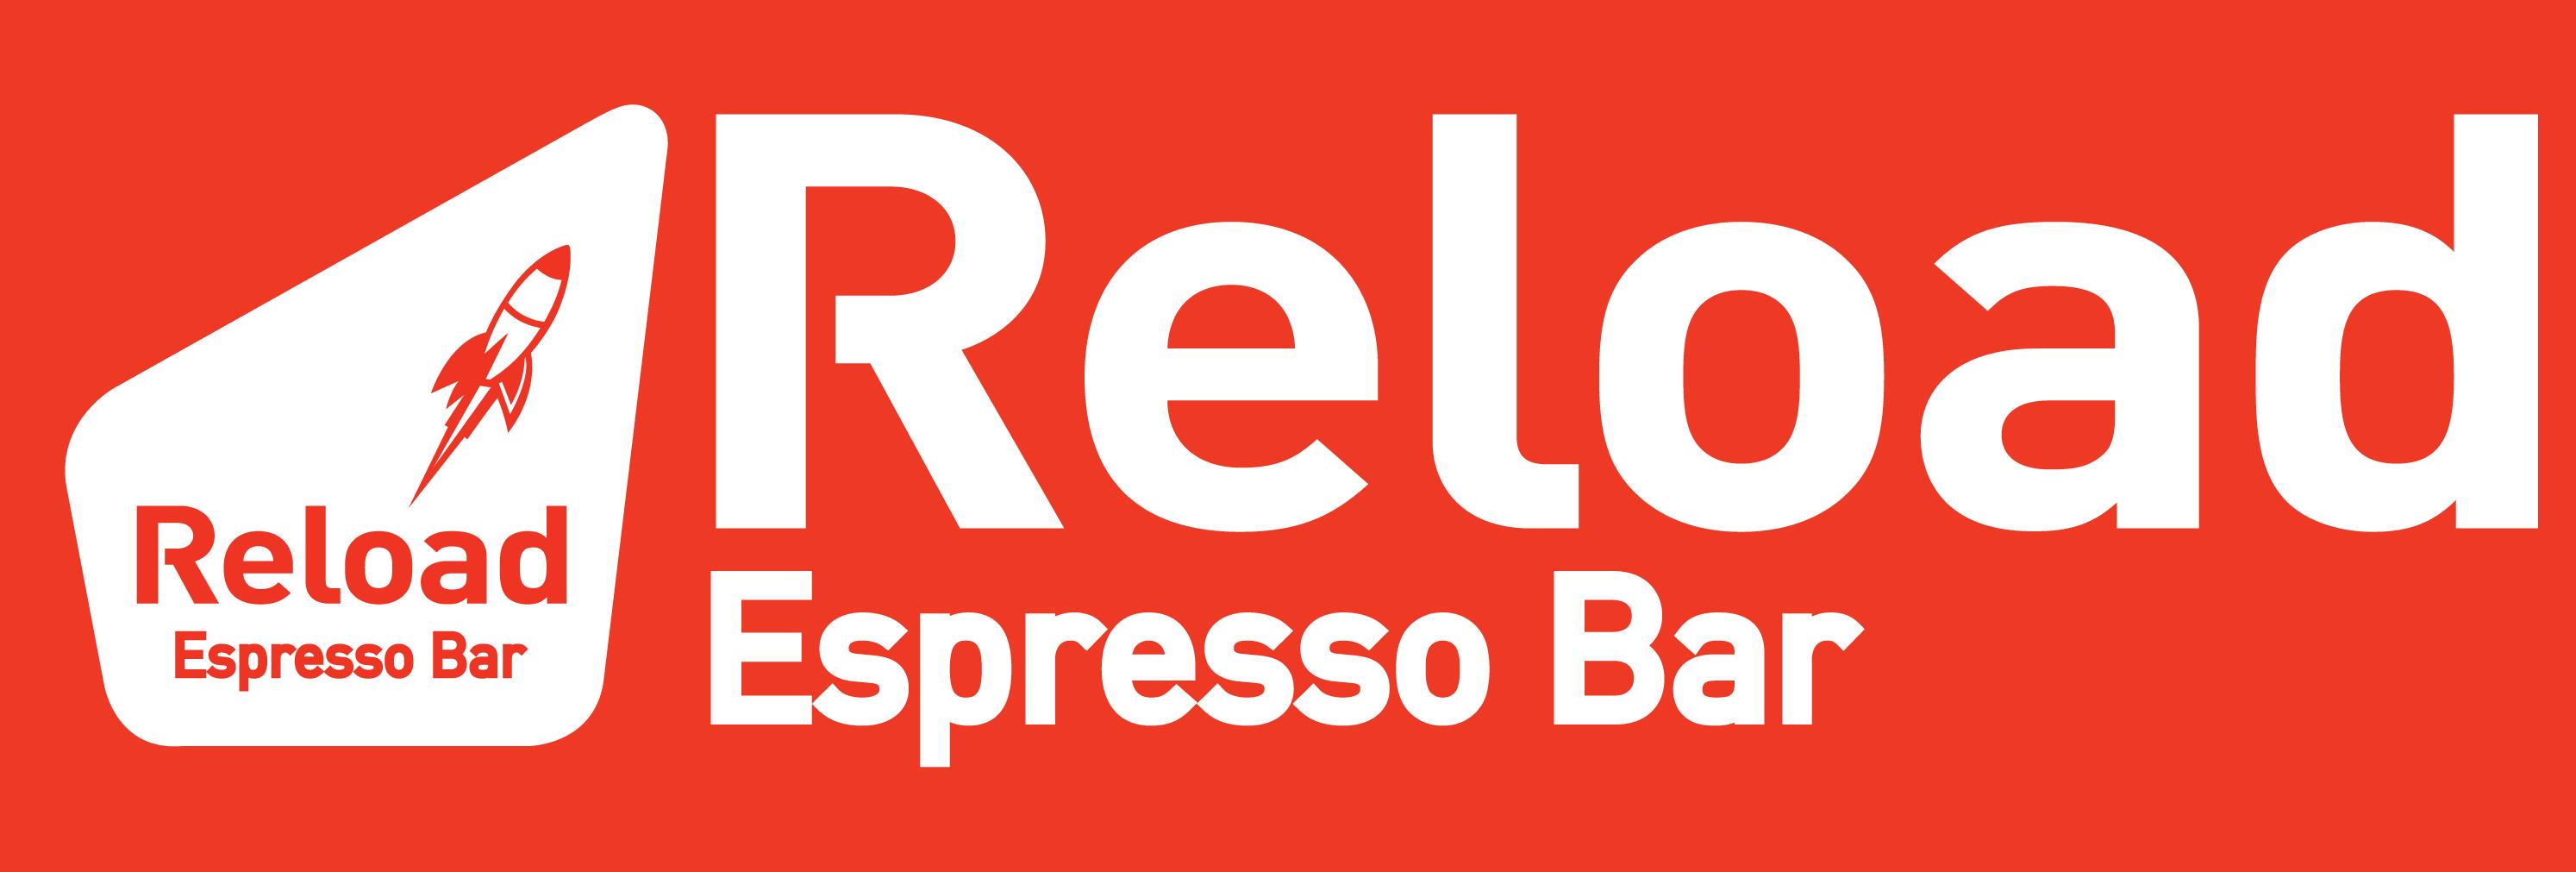 Reload Espresso Bar